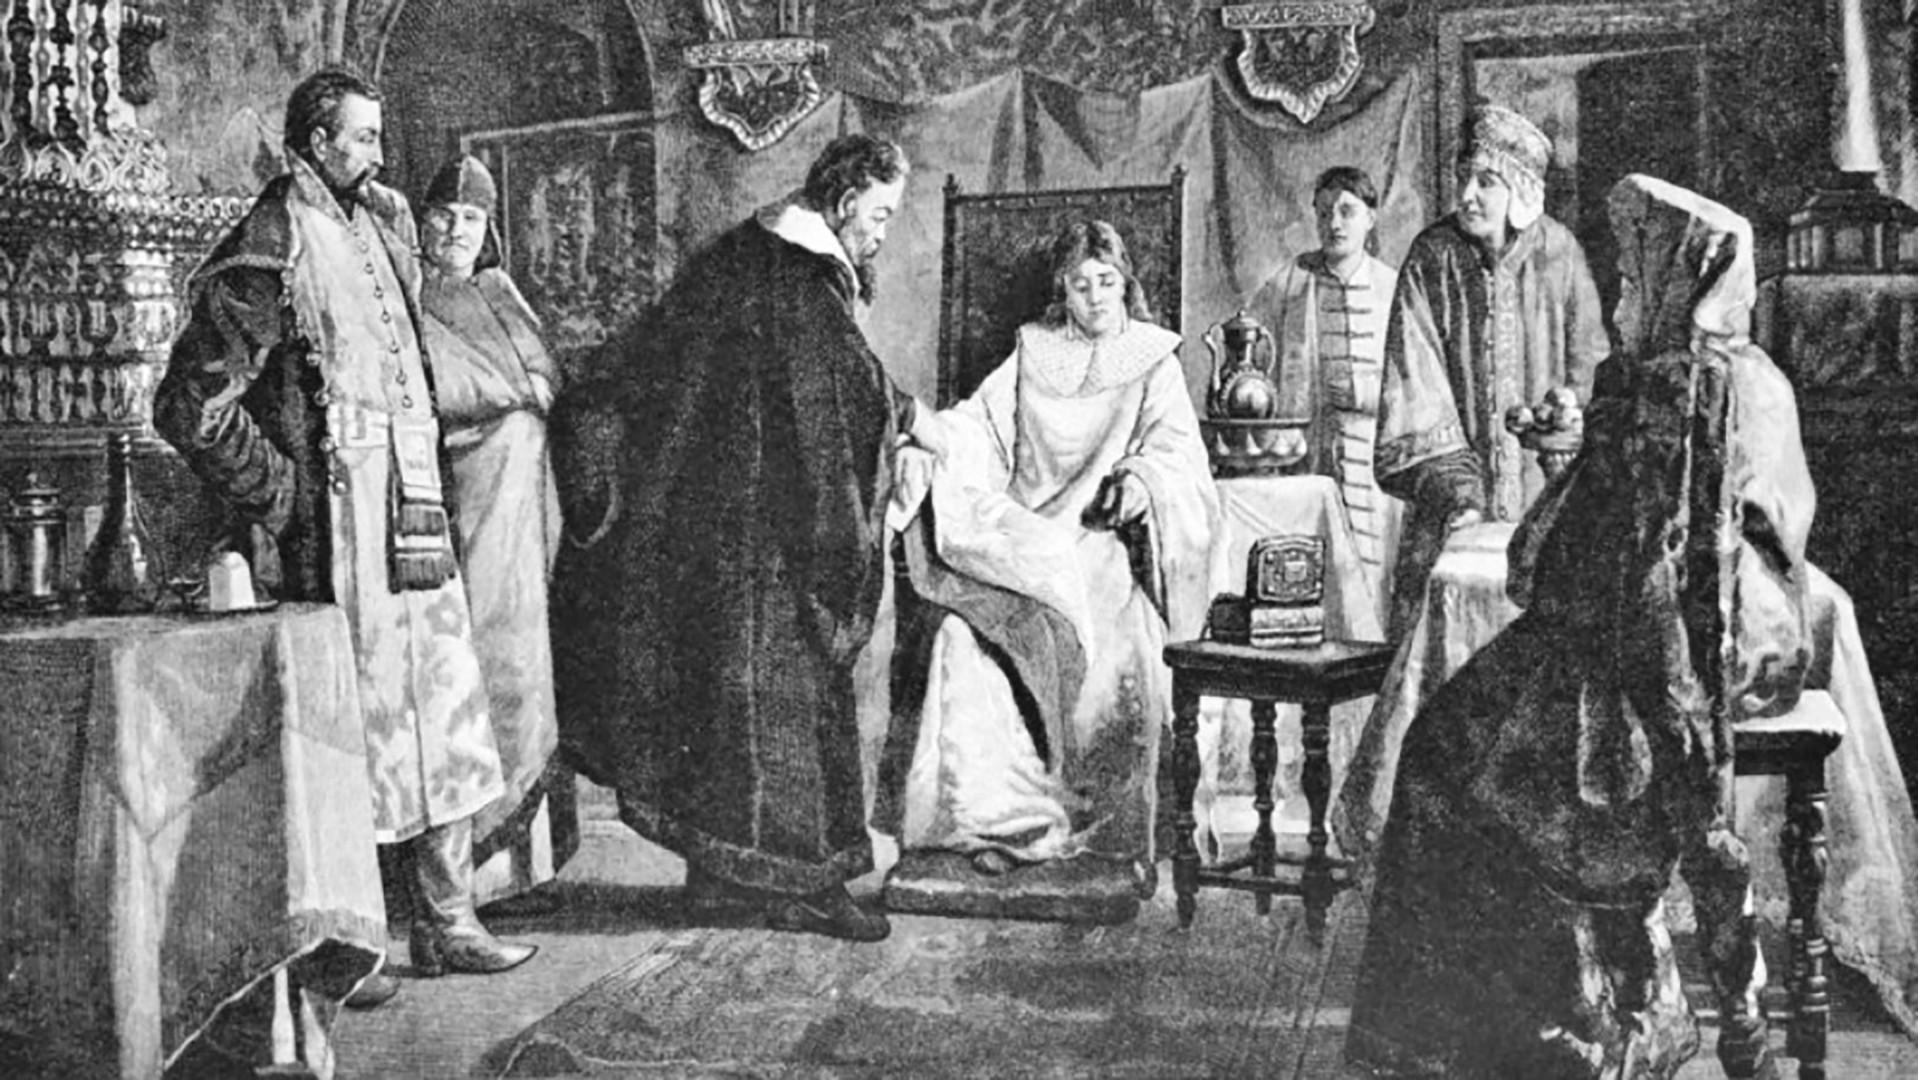 ミハイル・ロマノフの嫁、マリア・フロポワ。